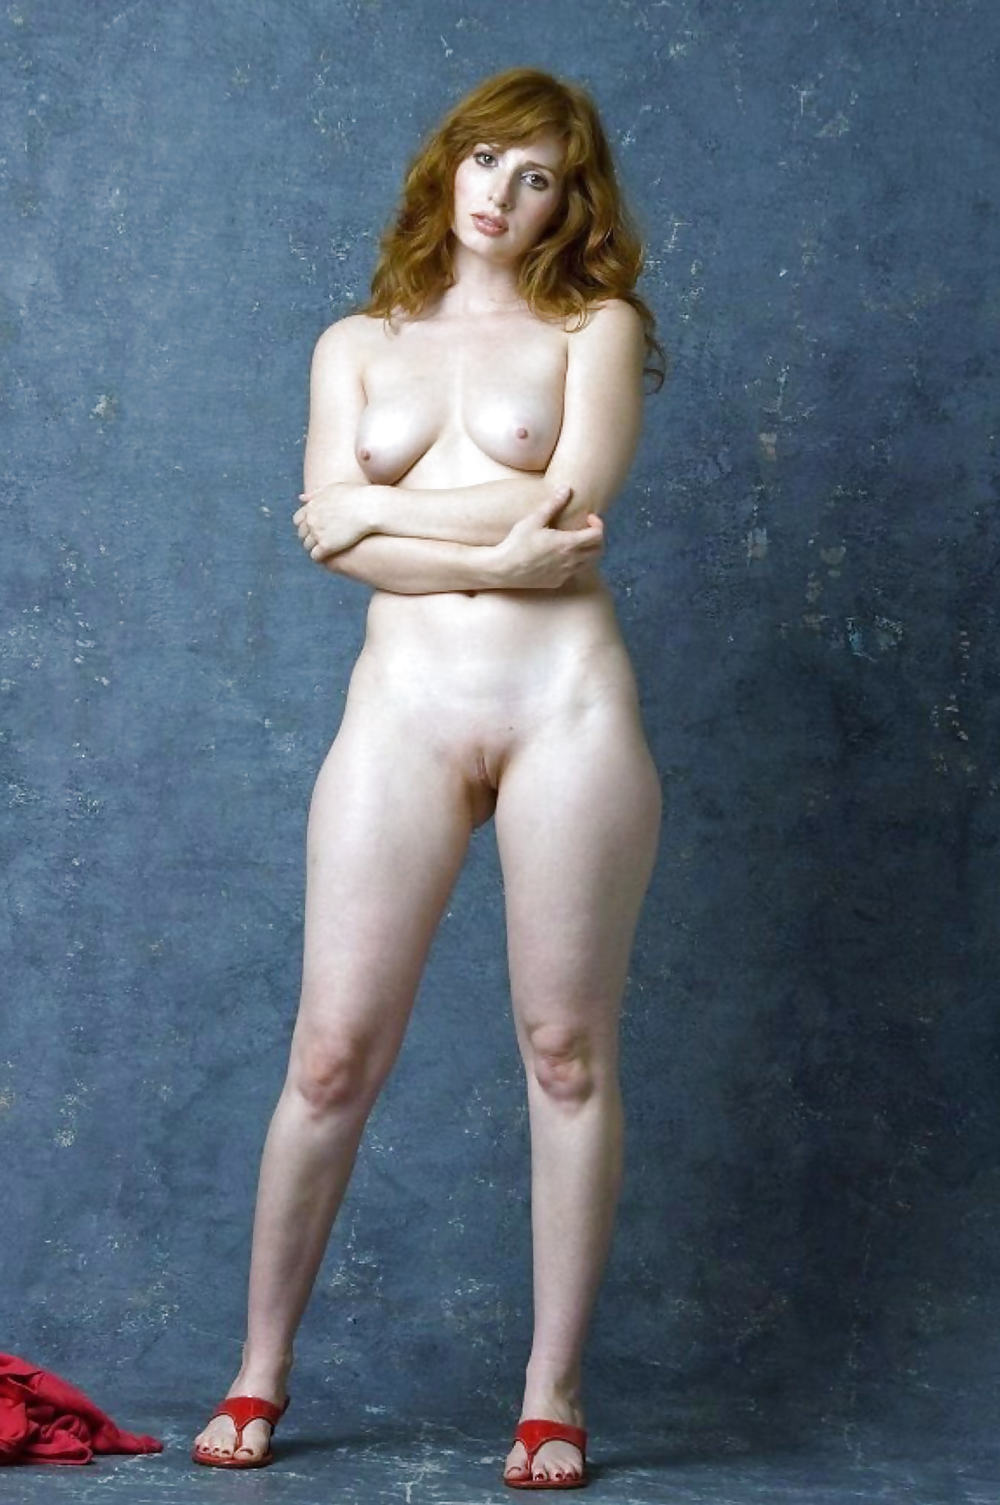 Обнаженные голые девушки в полный рост, брюнетка волосы по плечи порно